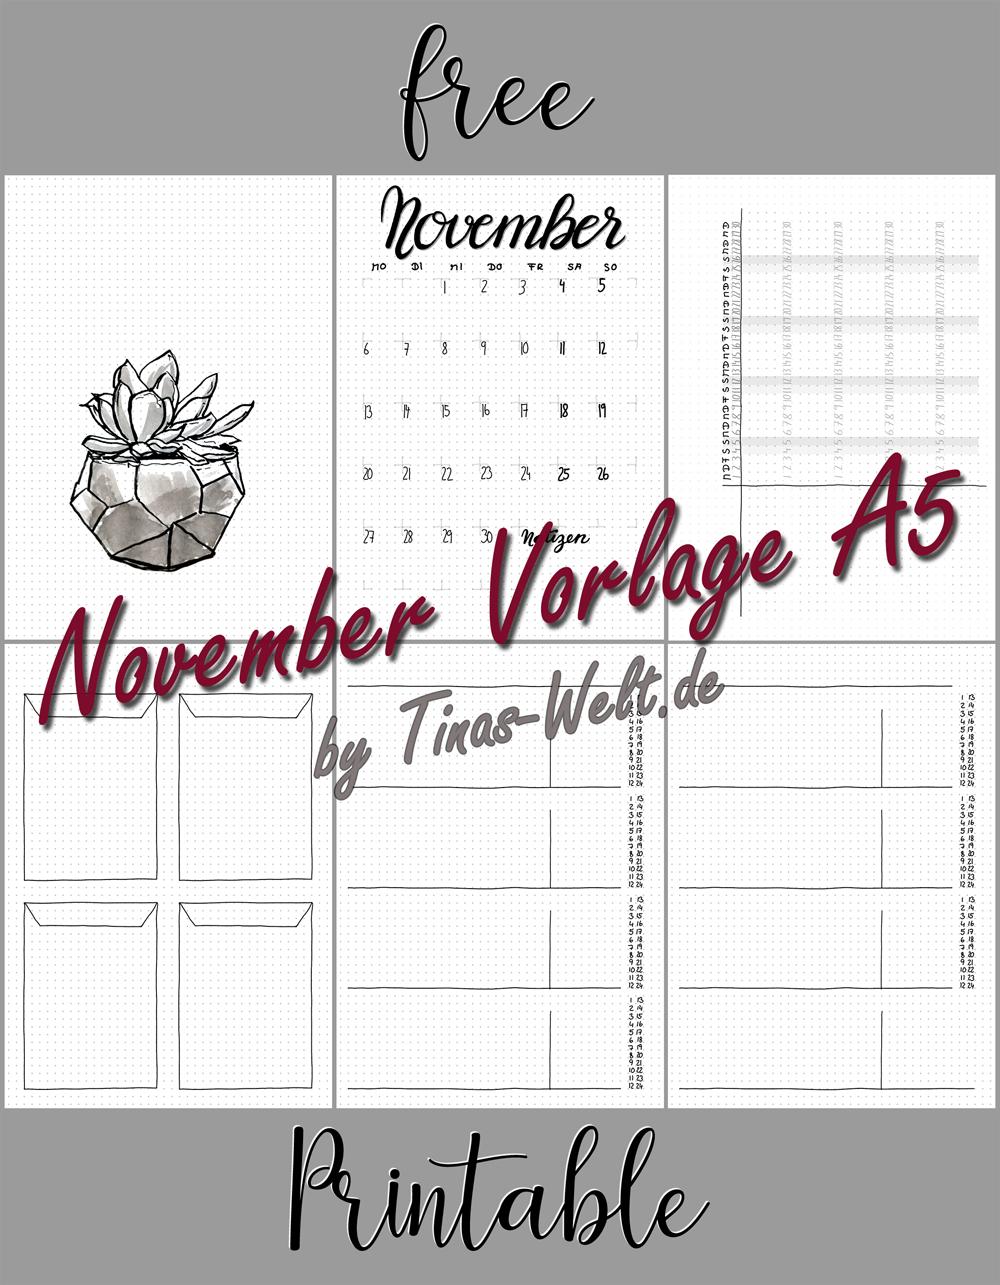 Bullet Journal November Vorlage printable | blog.Tinas-Welt.de